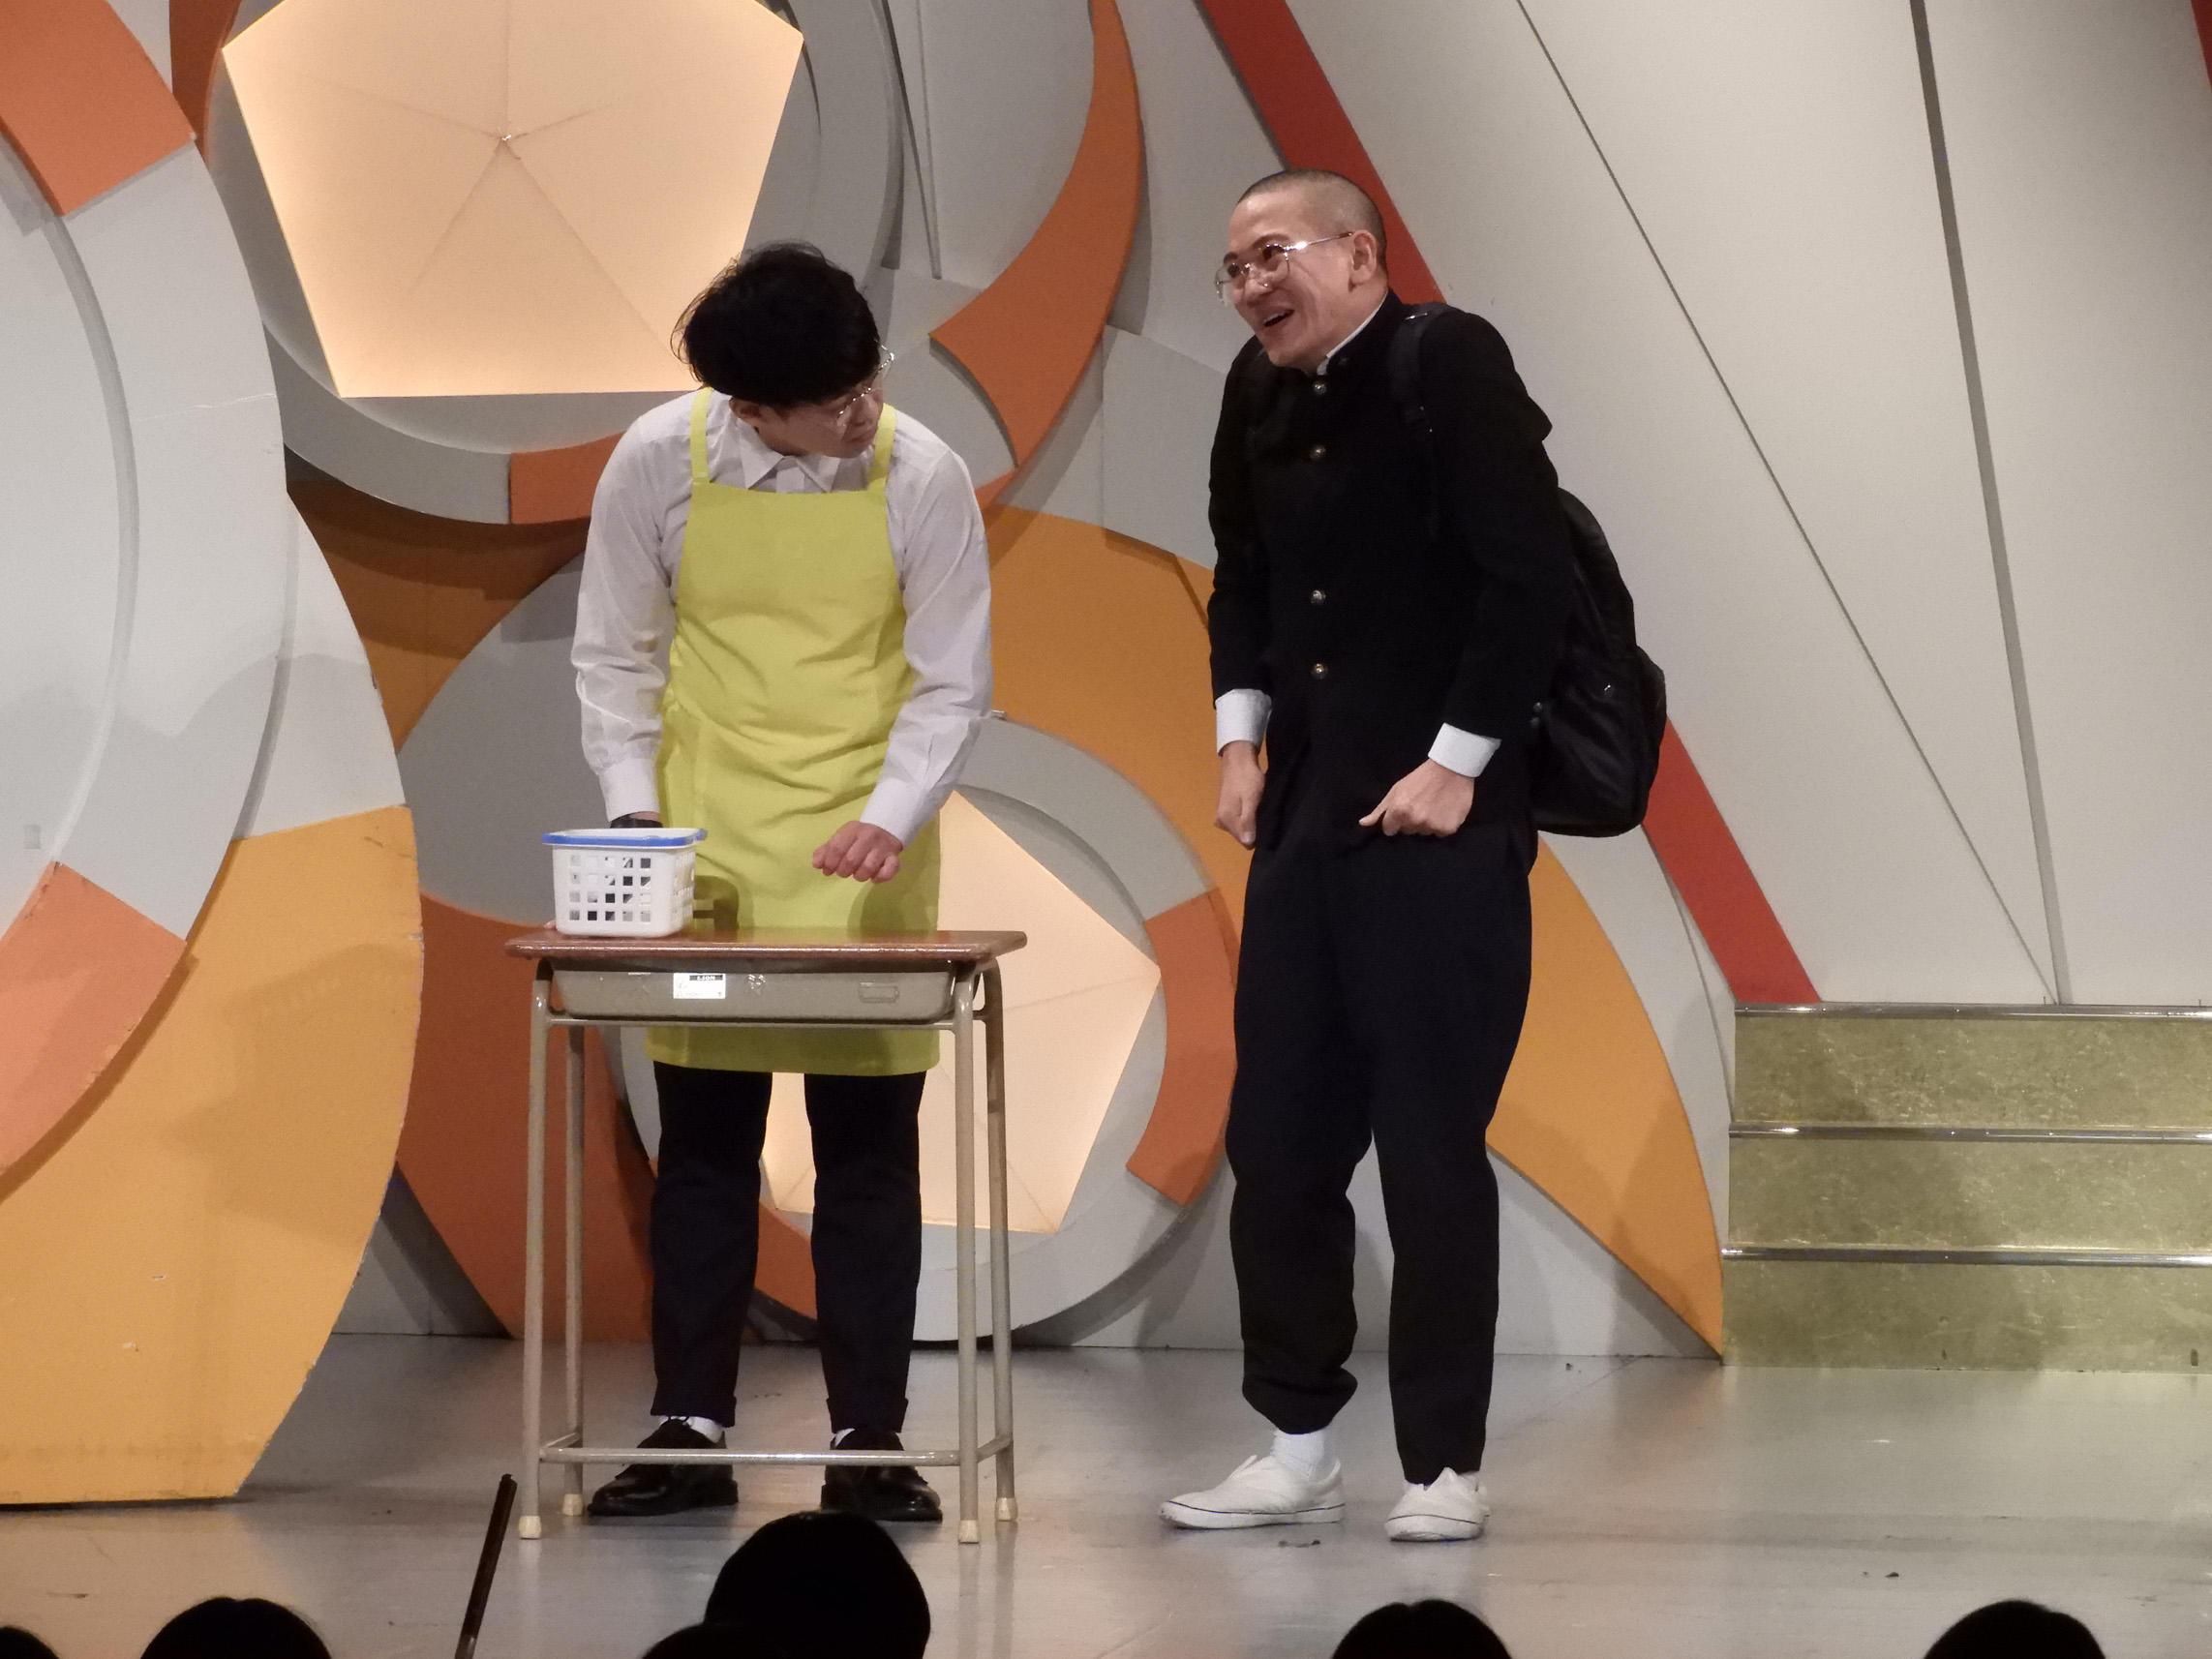 http://news.yoshimoto.co.jp/20180511110929-f5e2e589b7af7f6573fa60f96f58c2e5861f7dc3.jpg